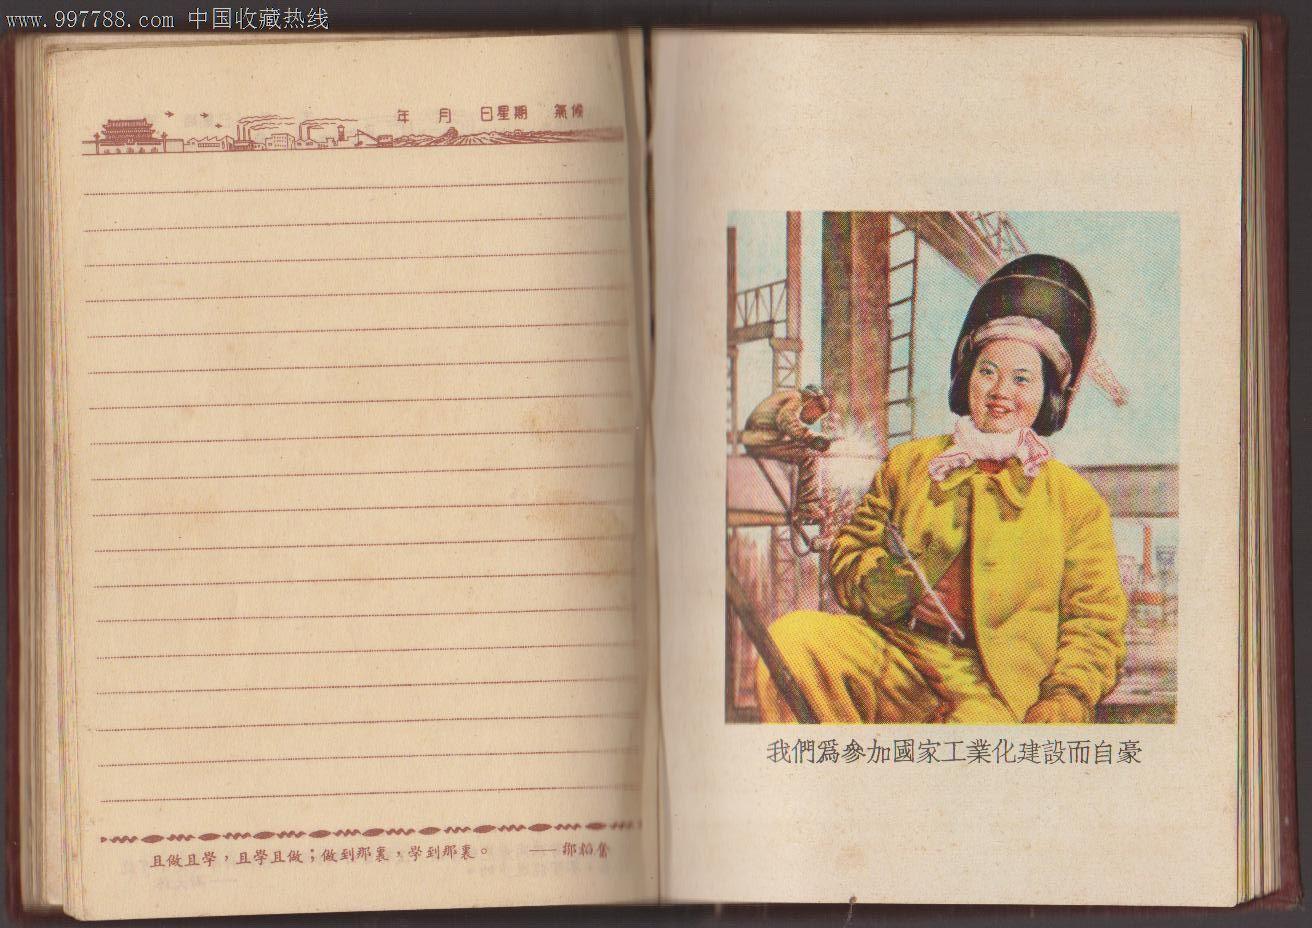 日记图_五十年代日记本